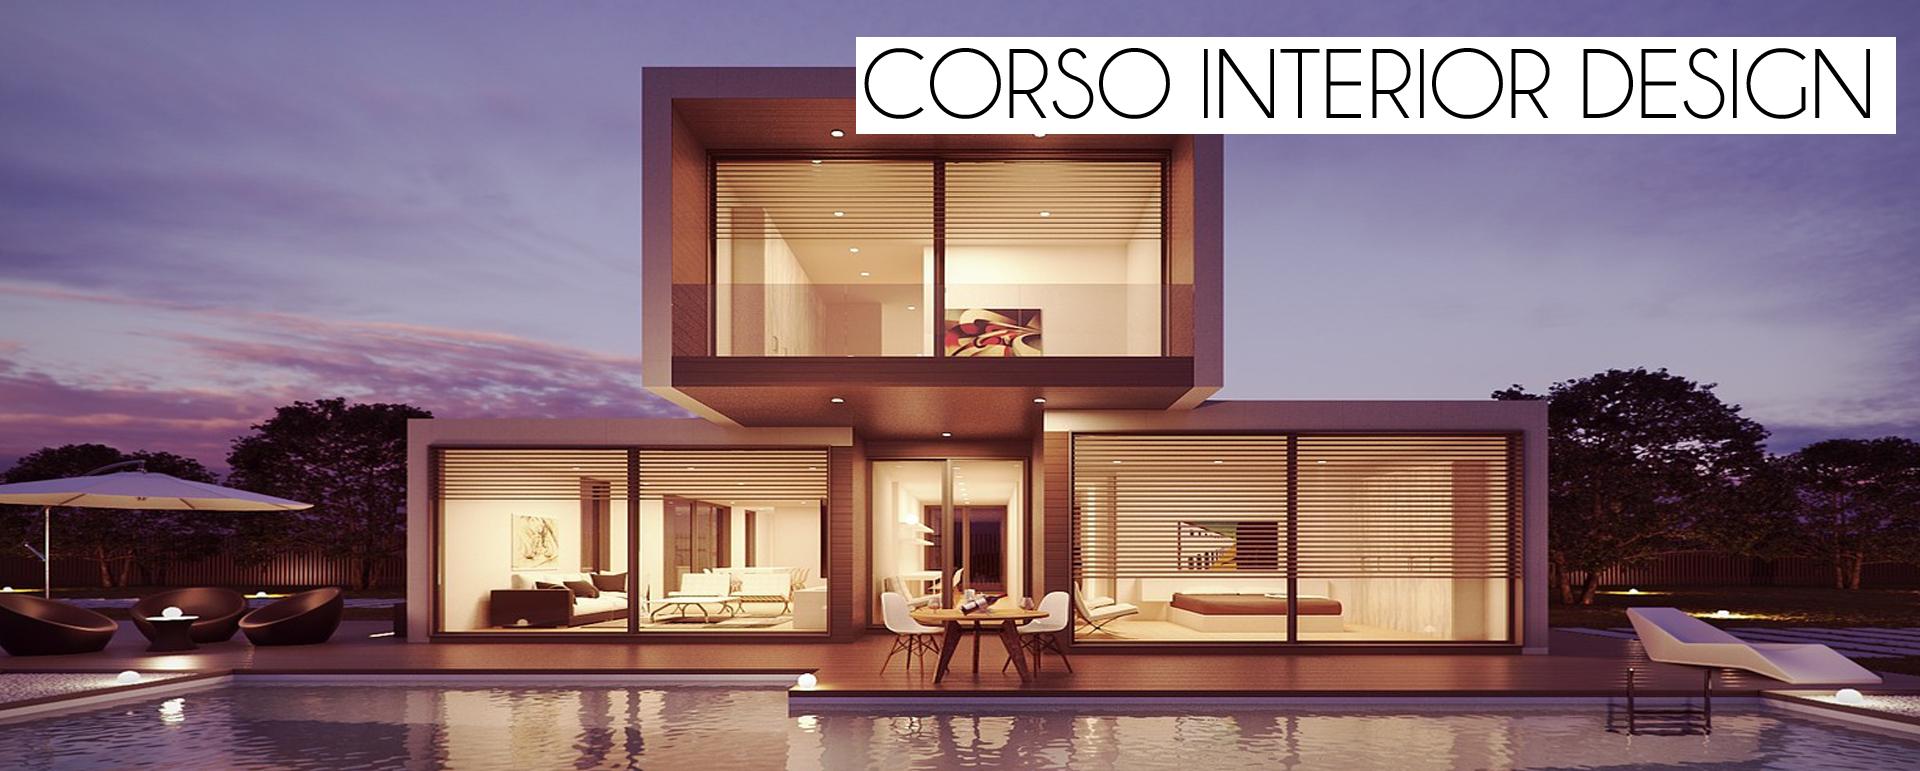 Corso interior design for Corso interior design treviso